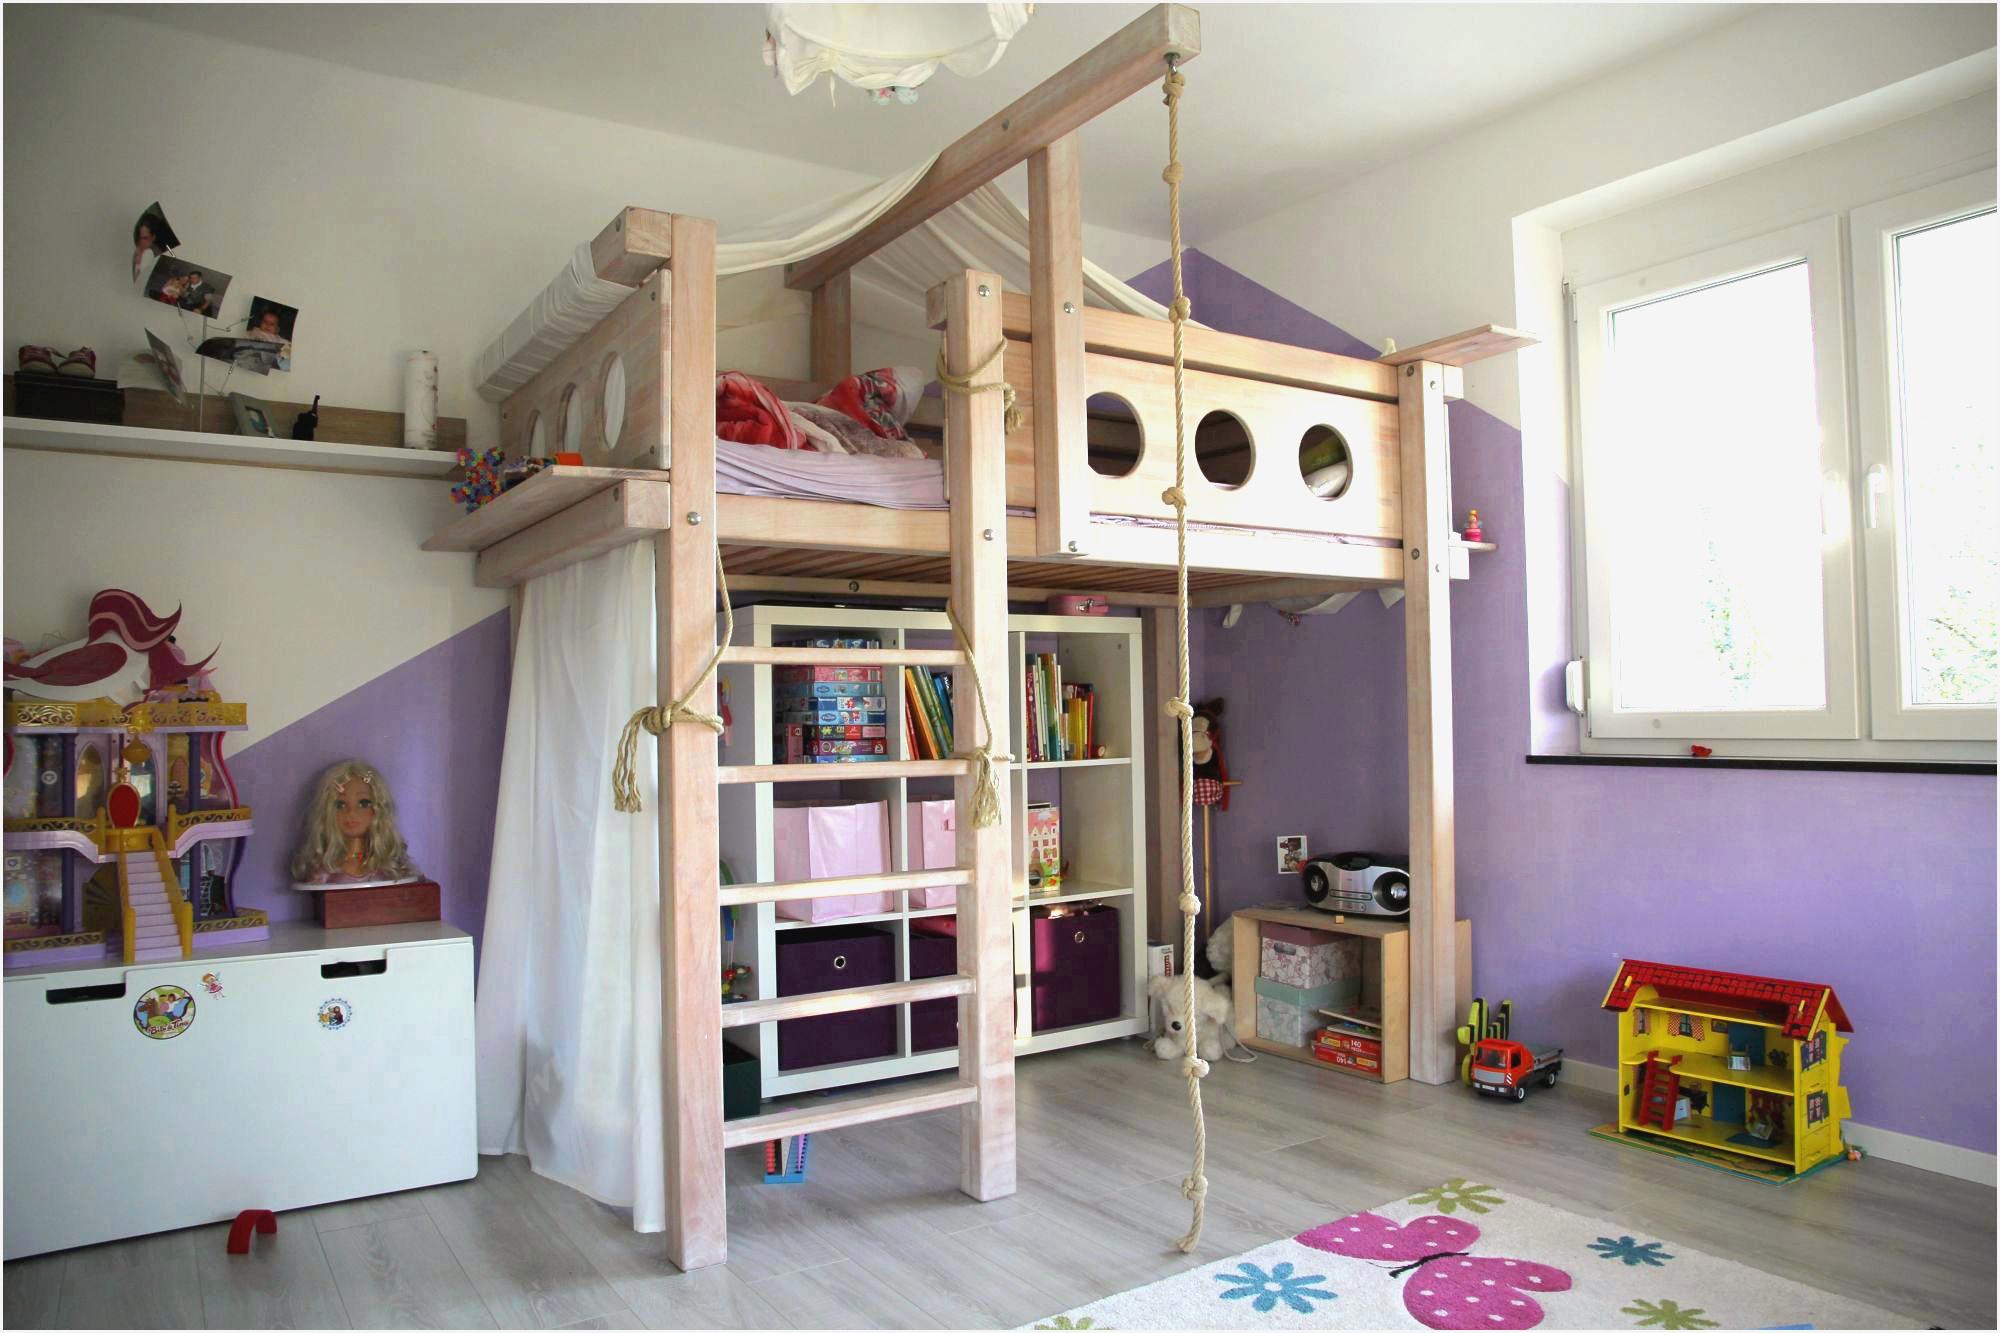 Full Size of Piraten Kinderzimmer Infinity Mit Hochbett Und Rutsche Regal Weiß Sofa Regale Kinderzimmer Piraten Kinderzimmer